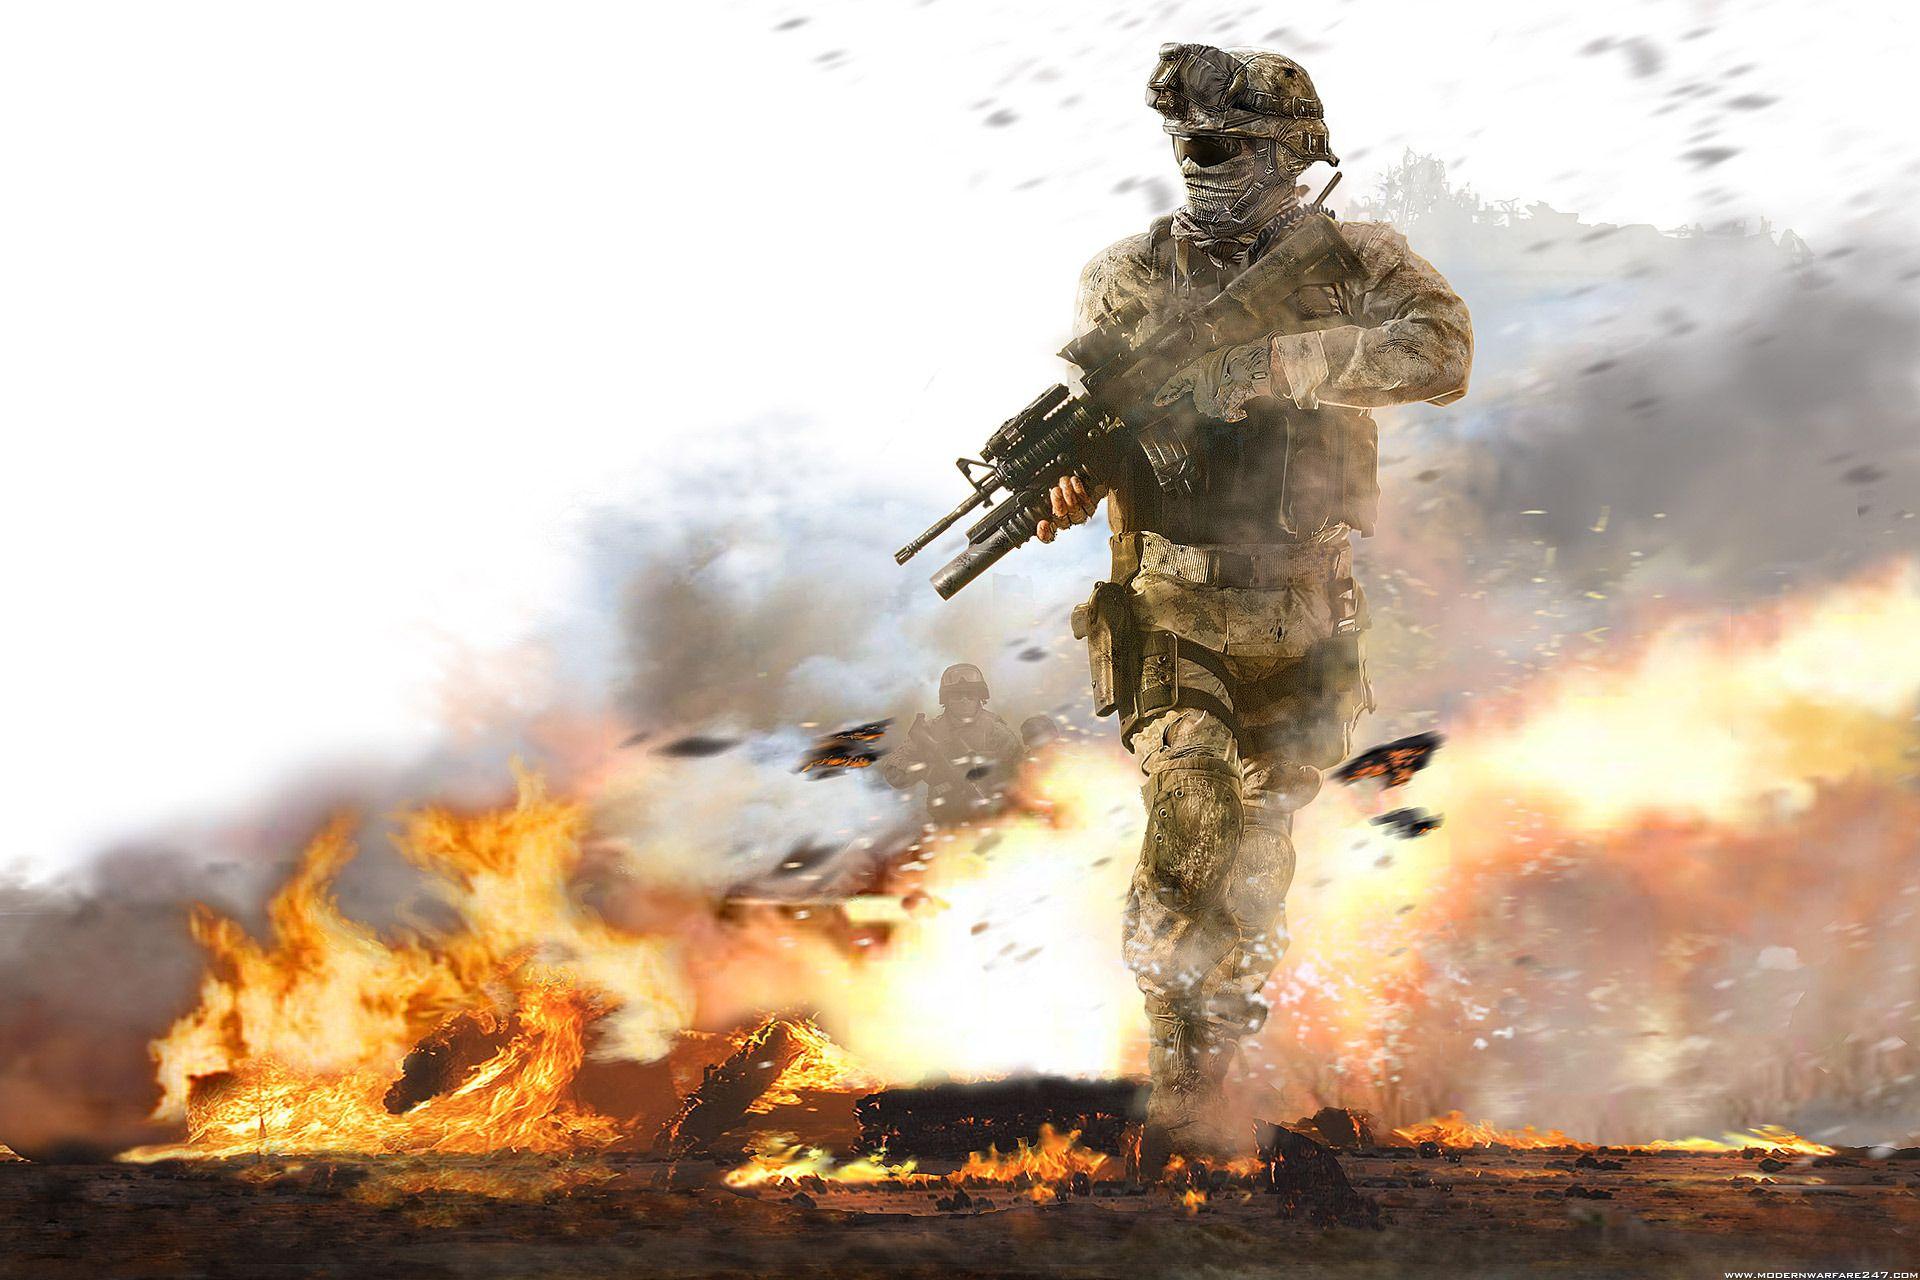 Cod mw2 call of duty call of duty ghosts modern warfare